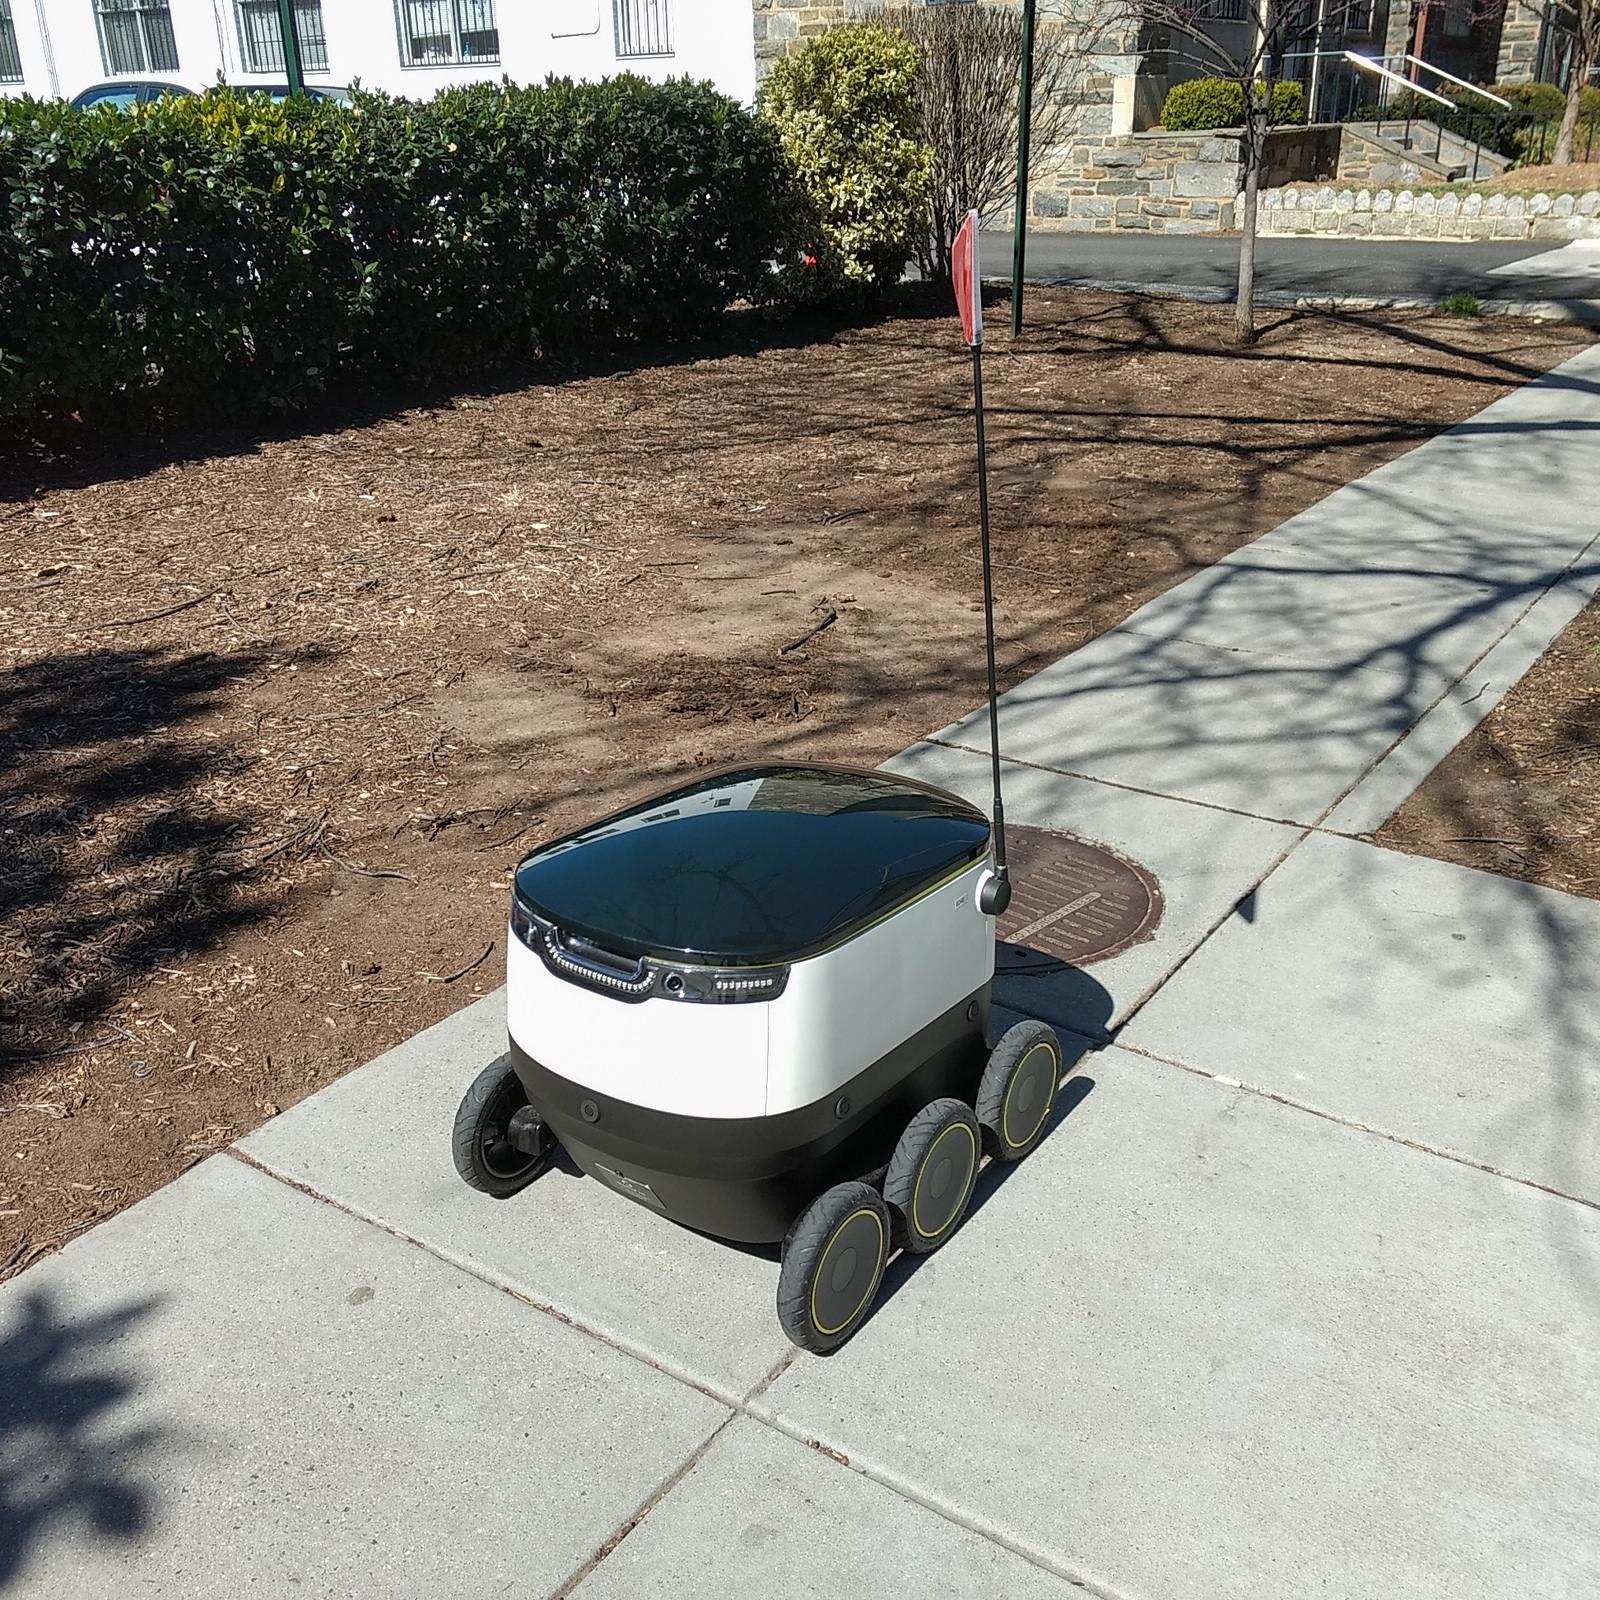 Startship Delivery Robot